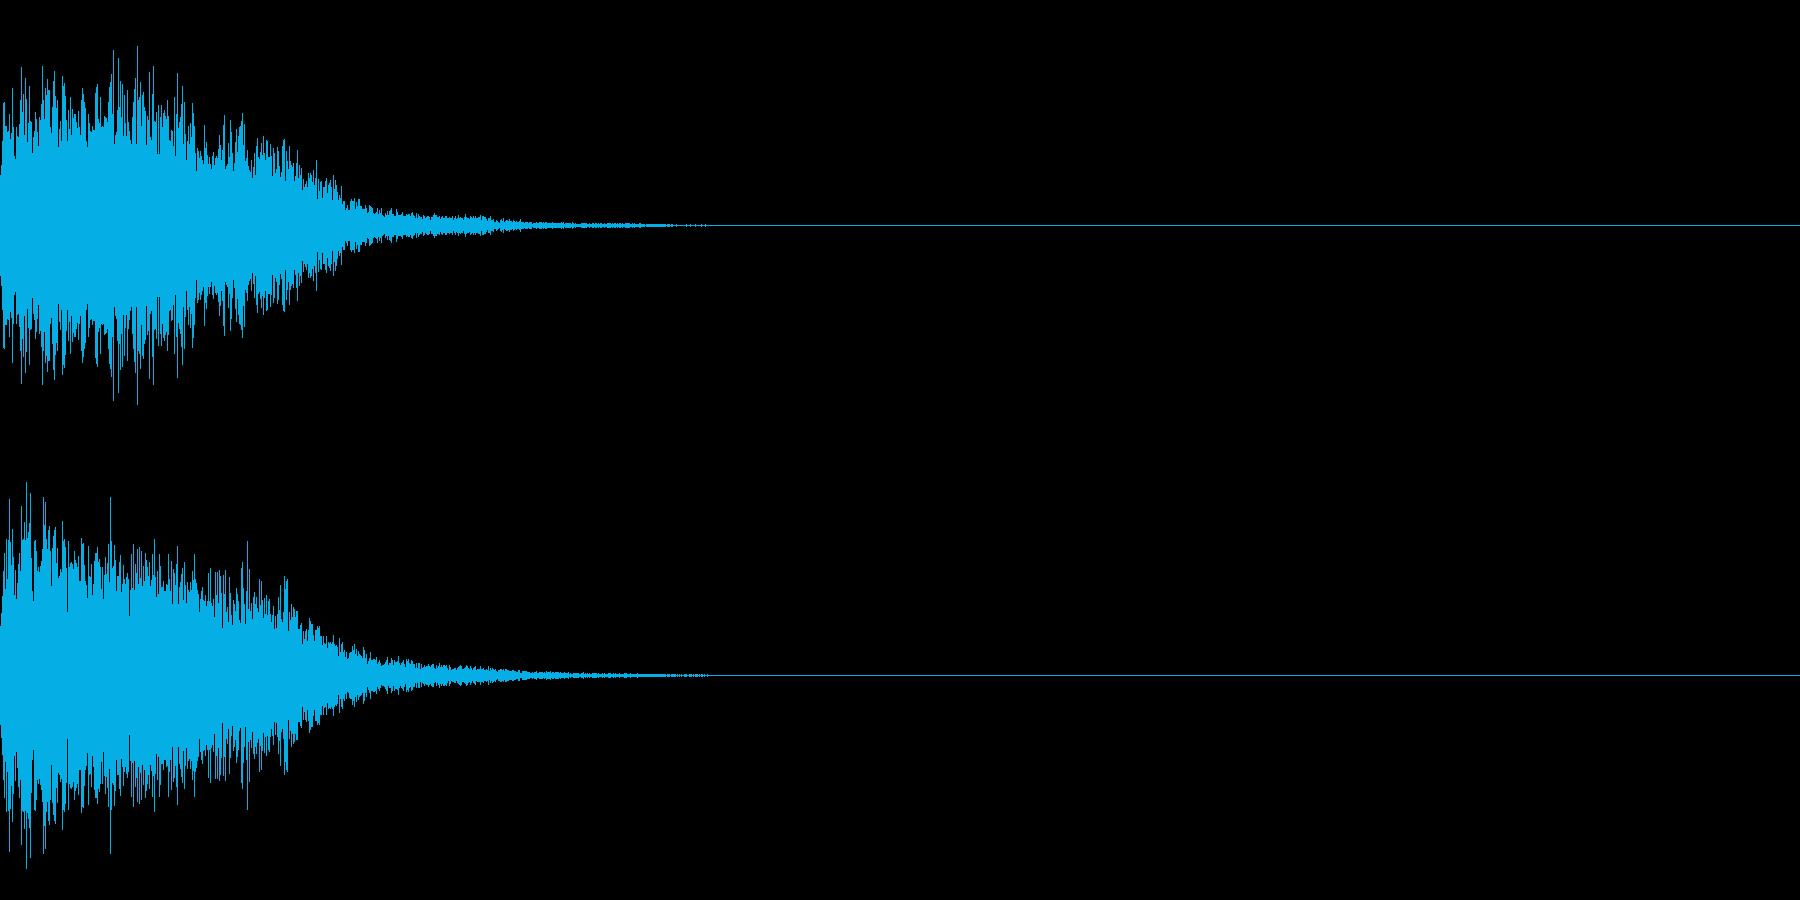 バシュン!(SF的なインパクト音)の再生済みの波形